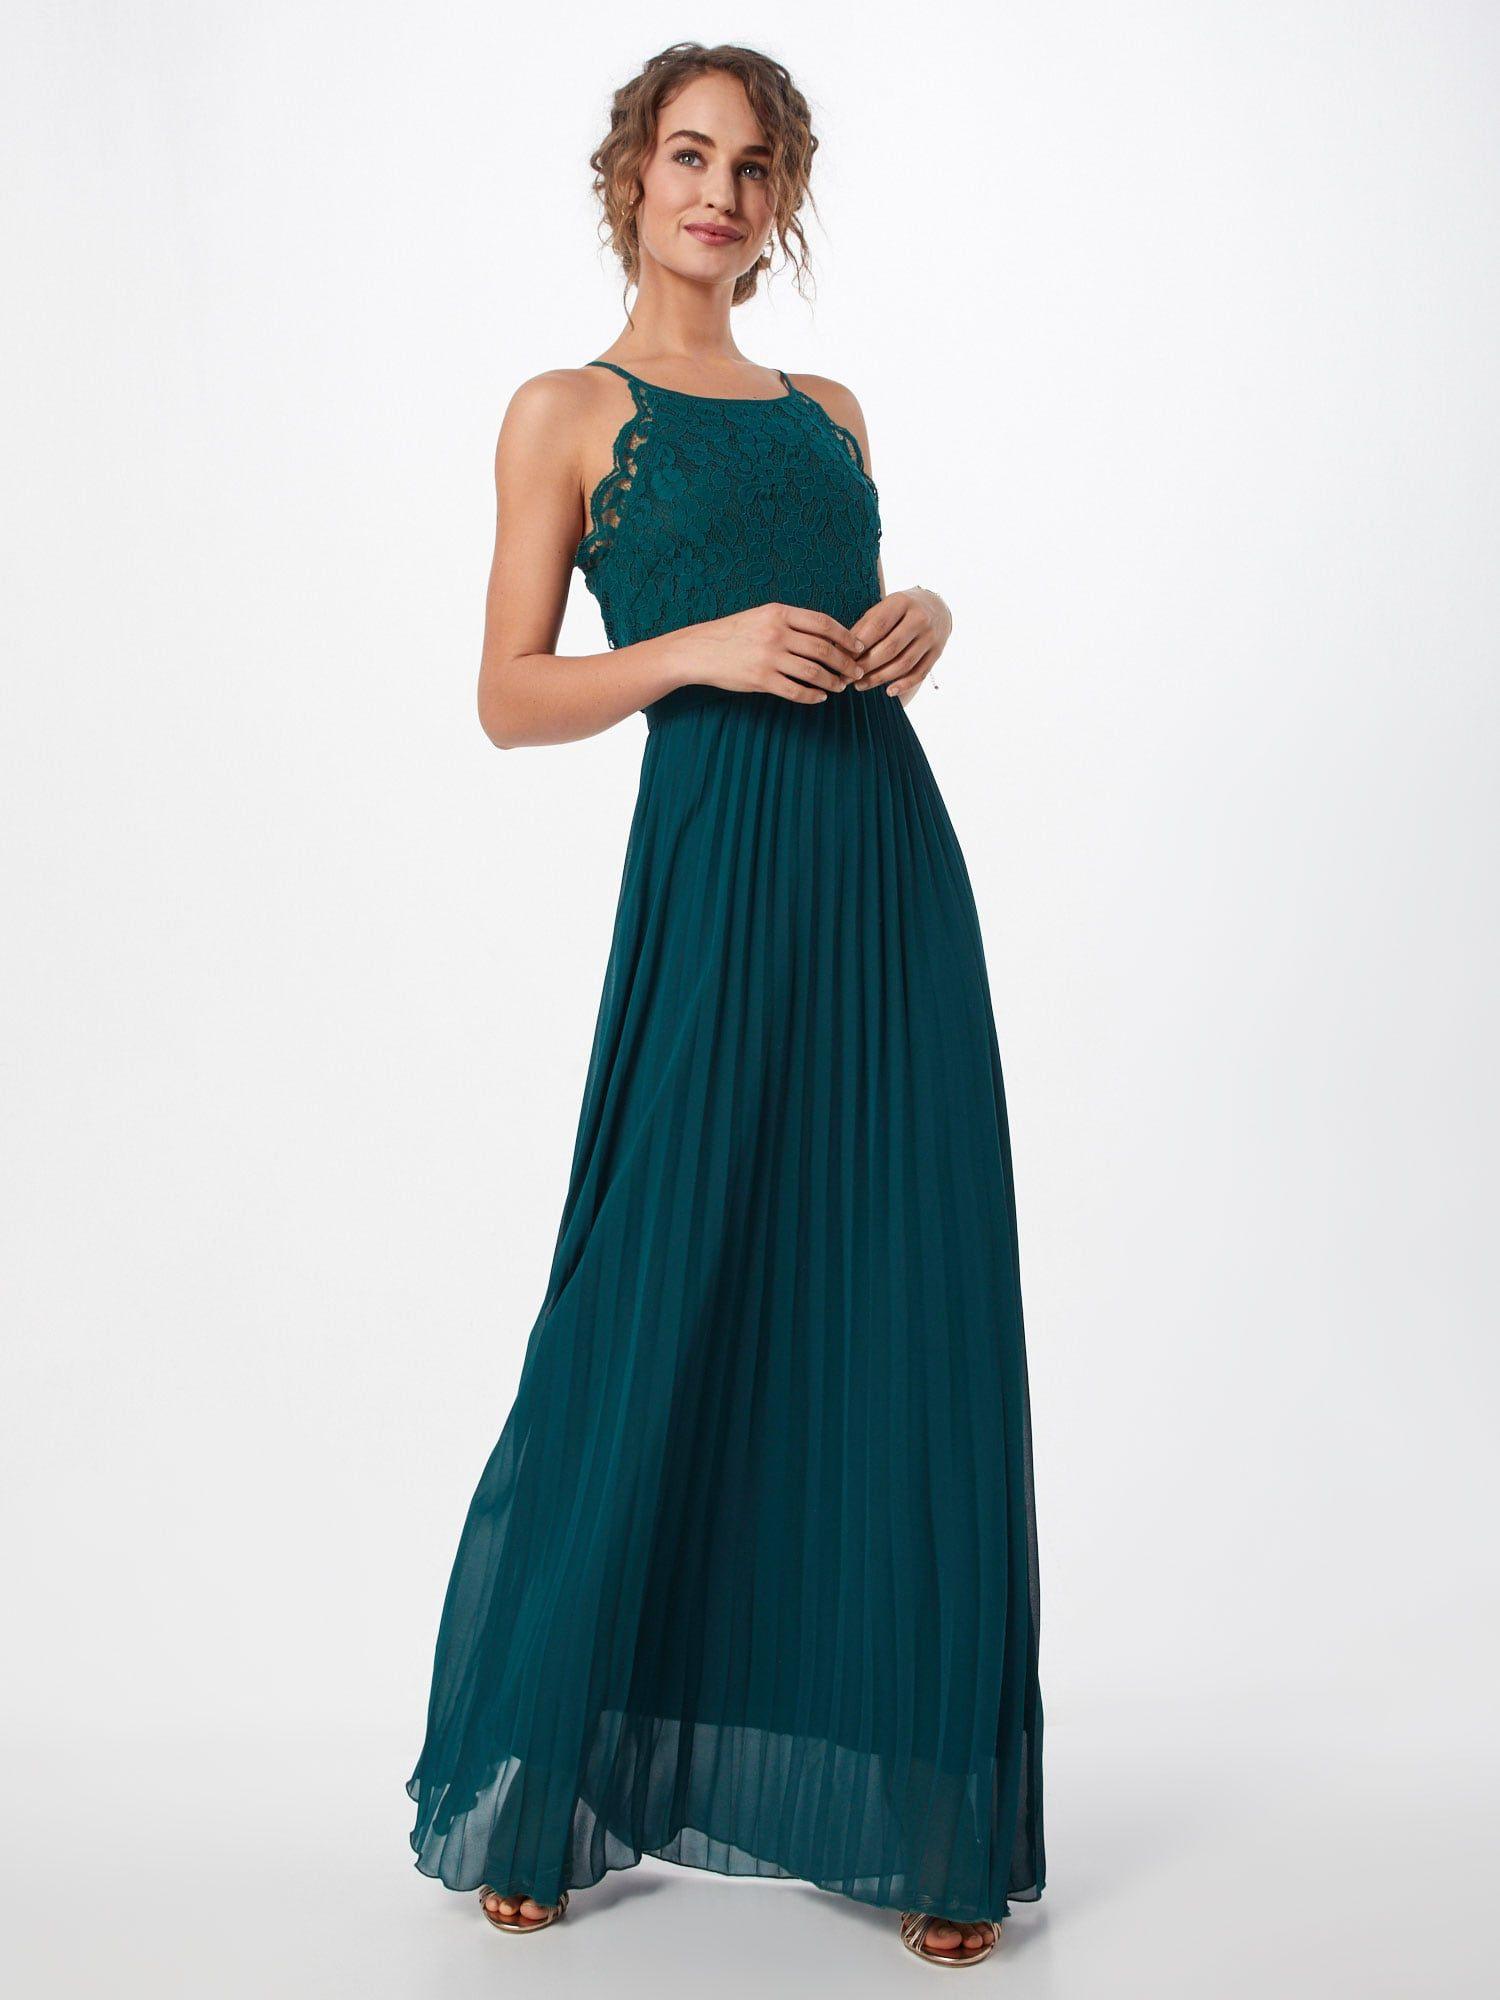 20 Luxus About You Abendkleid Grün ÄrmelAbend Großartig About You Abendkleid Grün Spezialgebiet